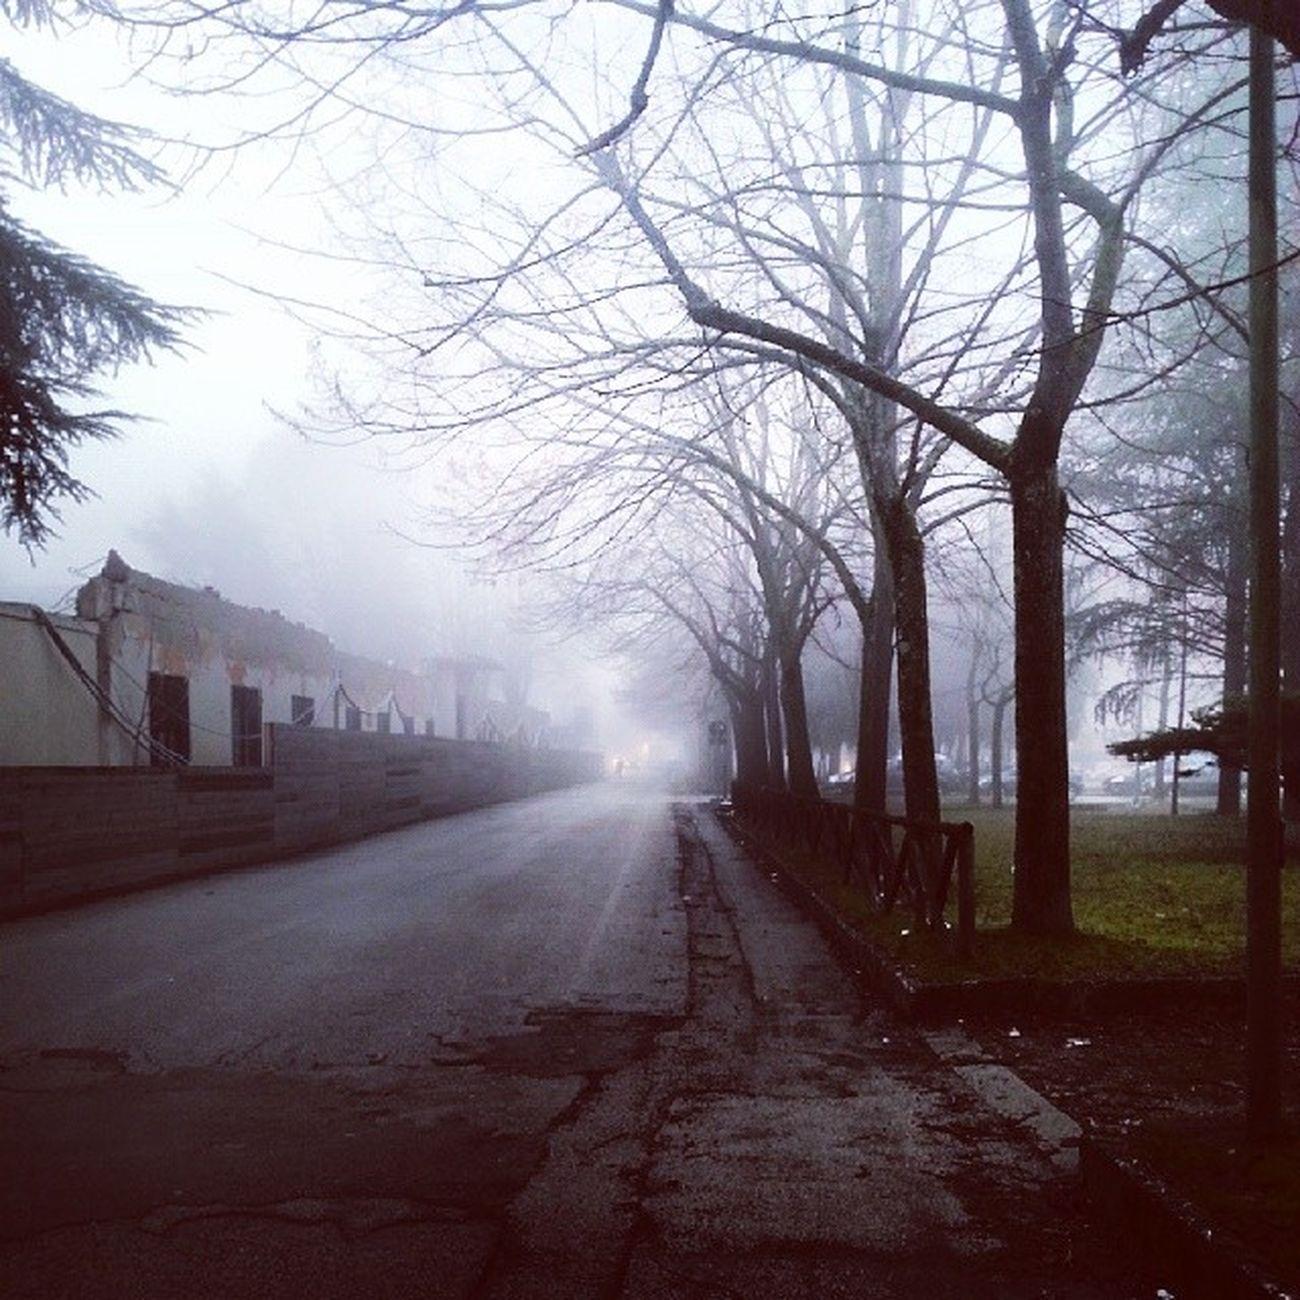 Giornata Bellissima per Tornare a Scuola -.- nothappy fuck nebbia odiosa comingback school :(